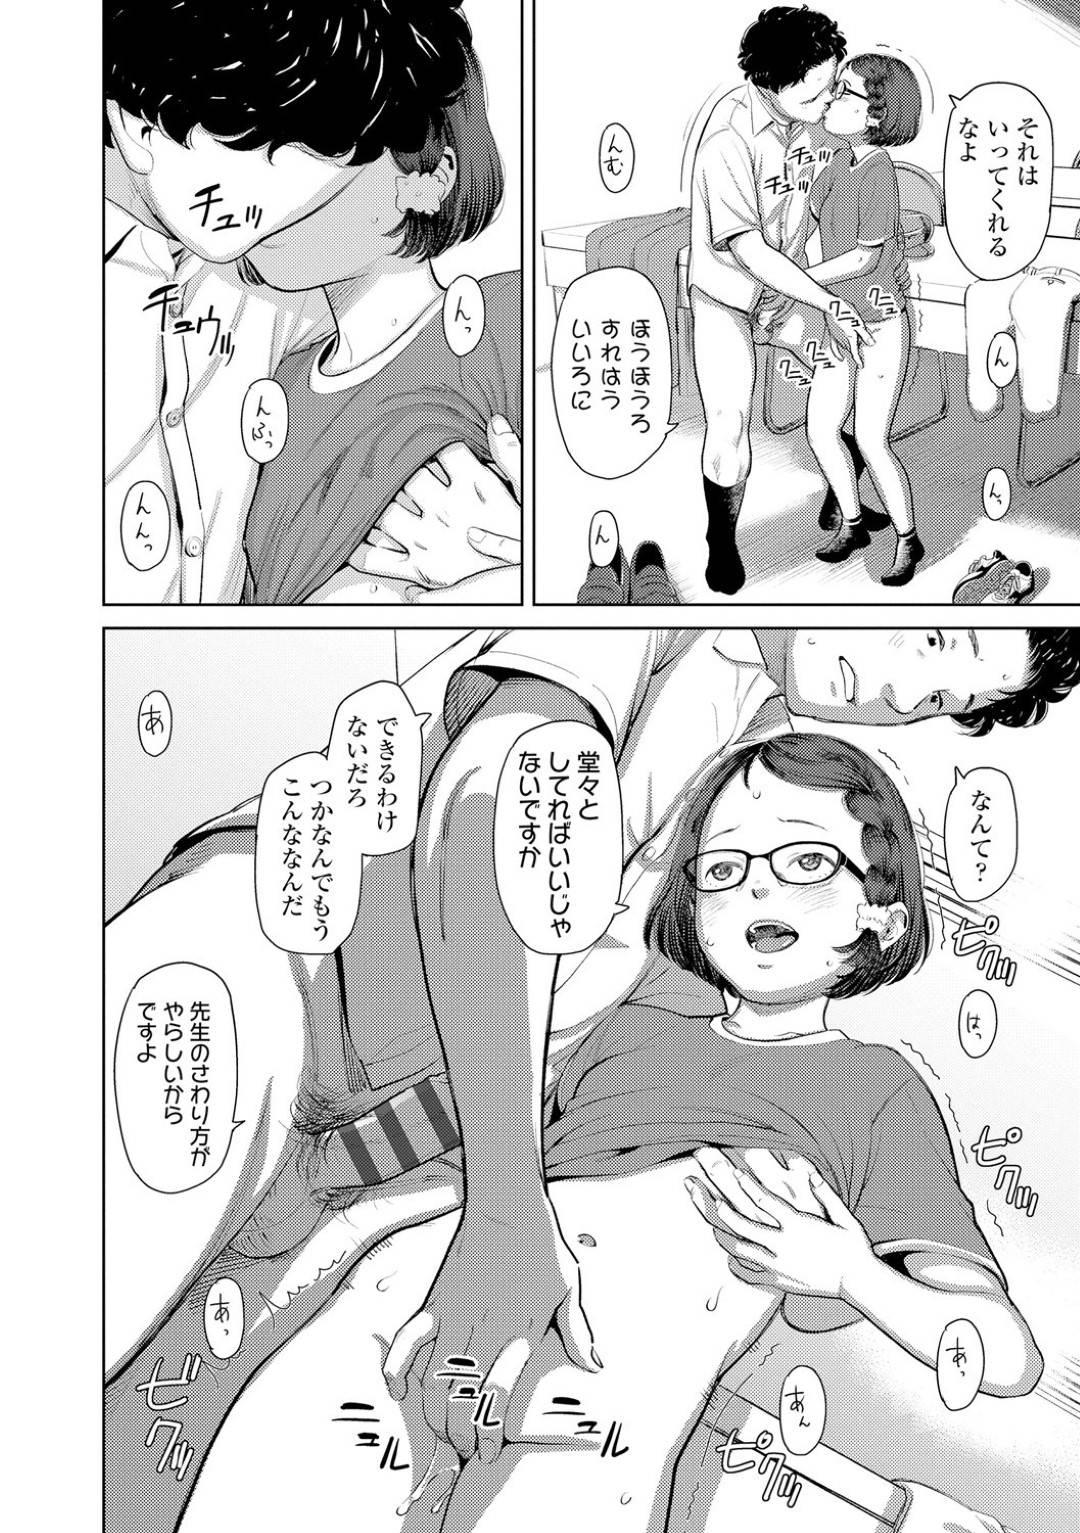 【エロ漫画】放課後にロリコン教師の事を誘惑する淫乱JS…彼女の押しに負けた彼は彼女とディープキスしたり、騎乗位セックス、フェラ抜きなどヤりまくる!【鬼束直:コレクトマニア】